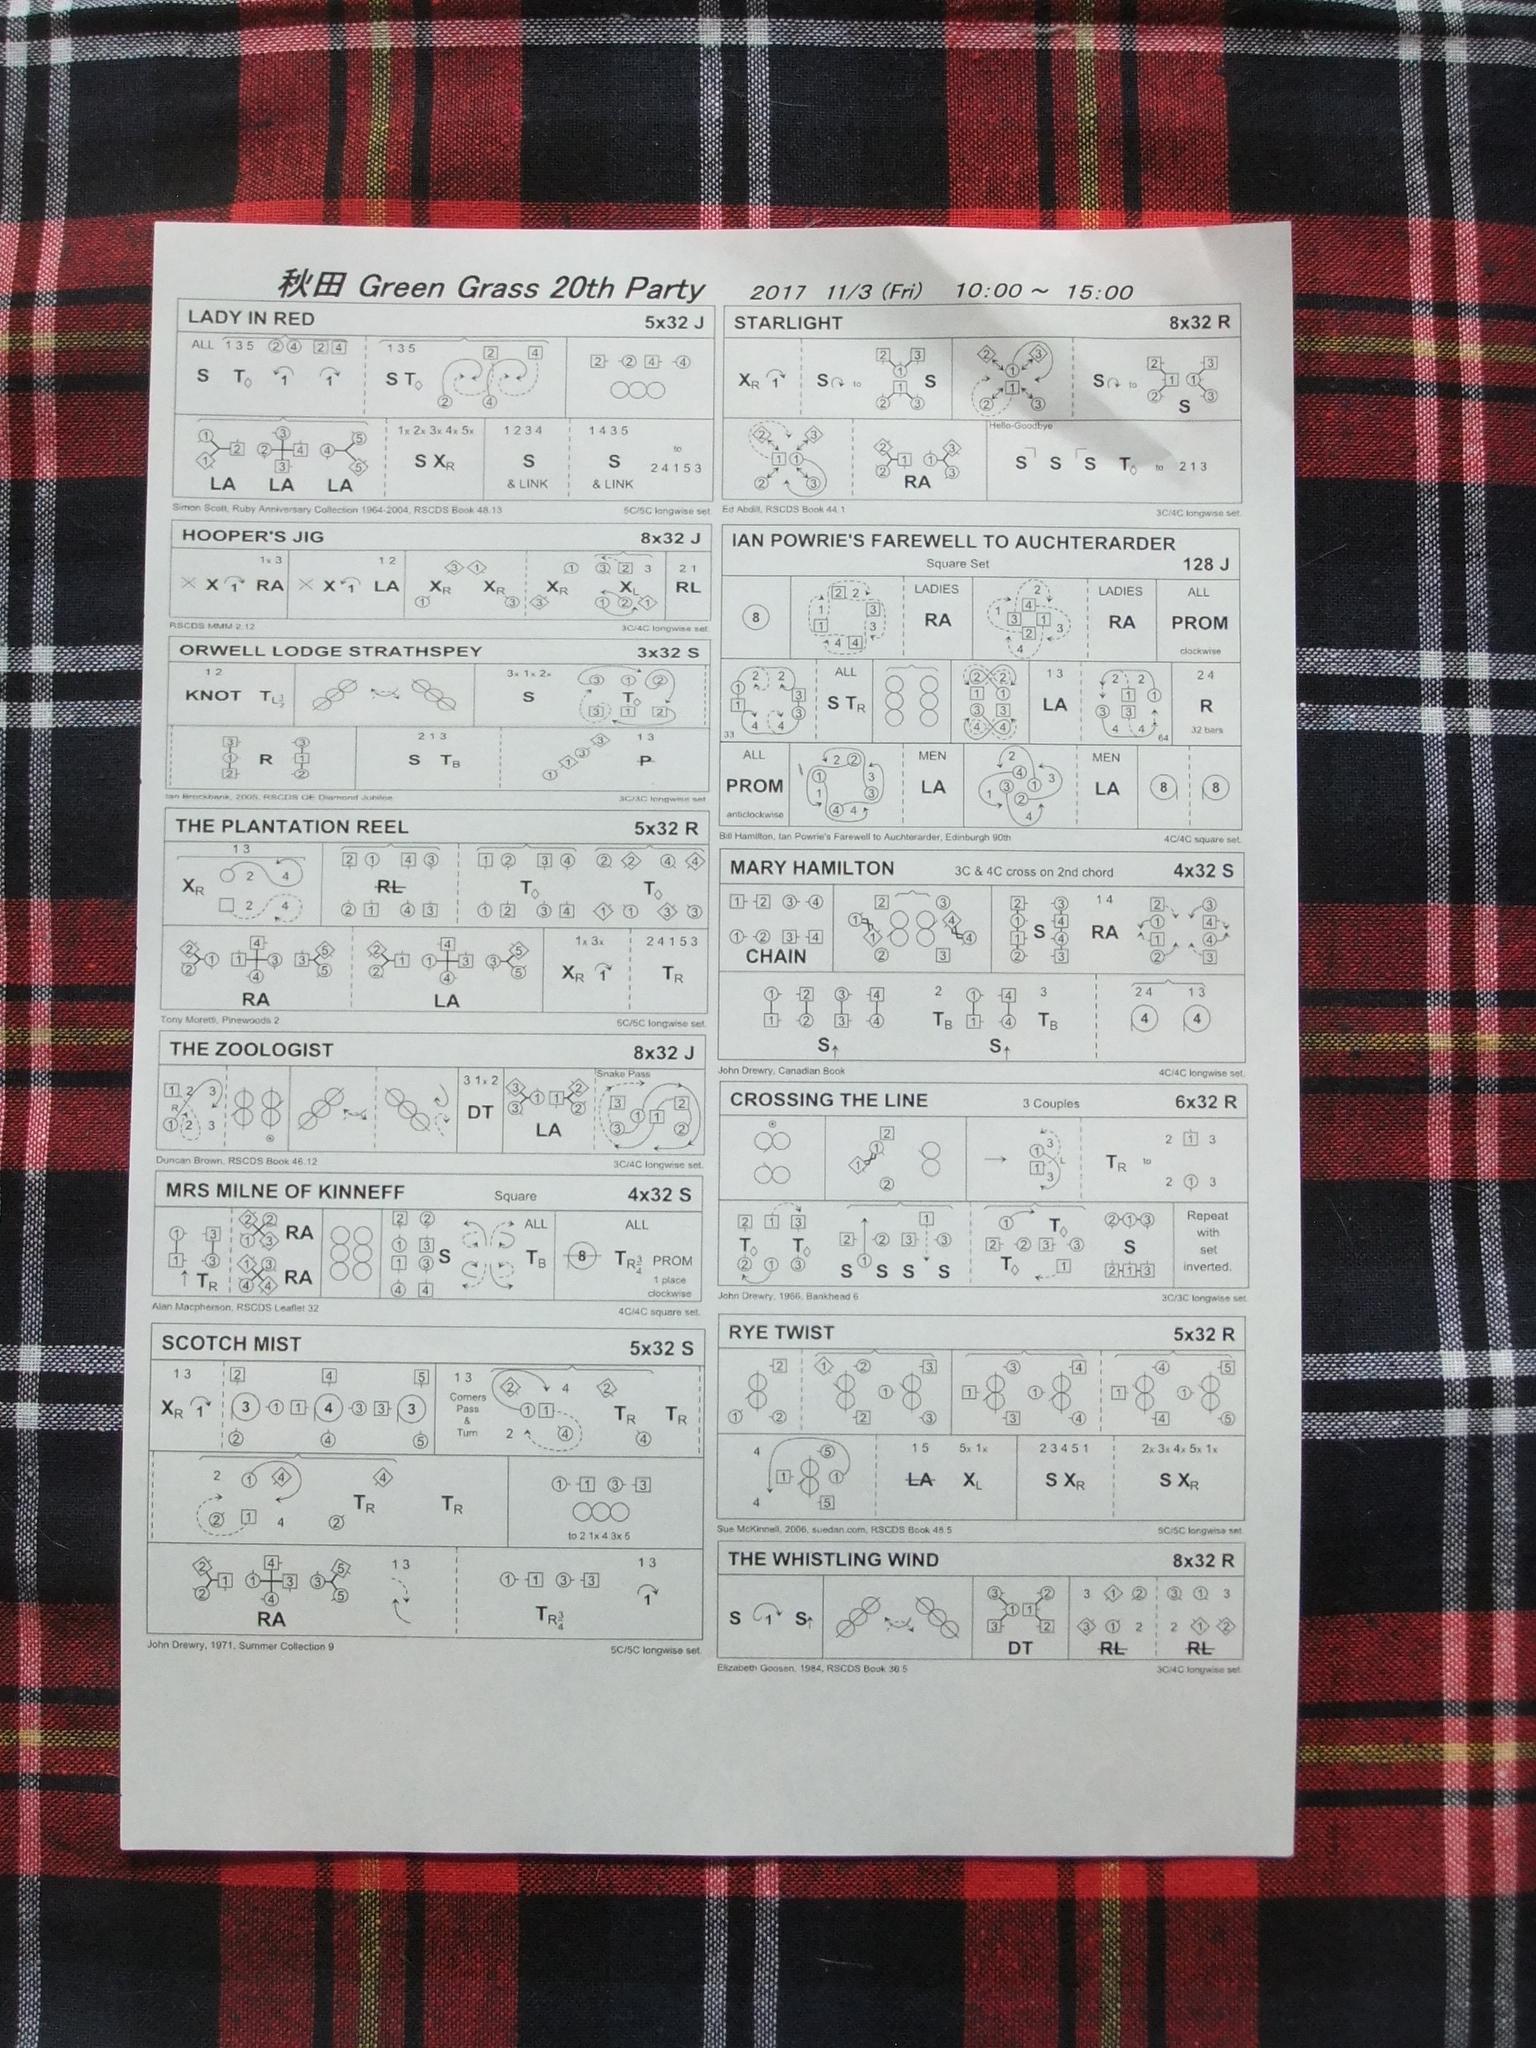 20171103 20th 秋田-1